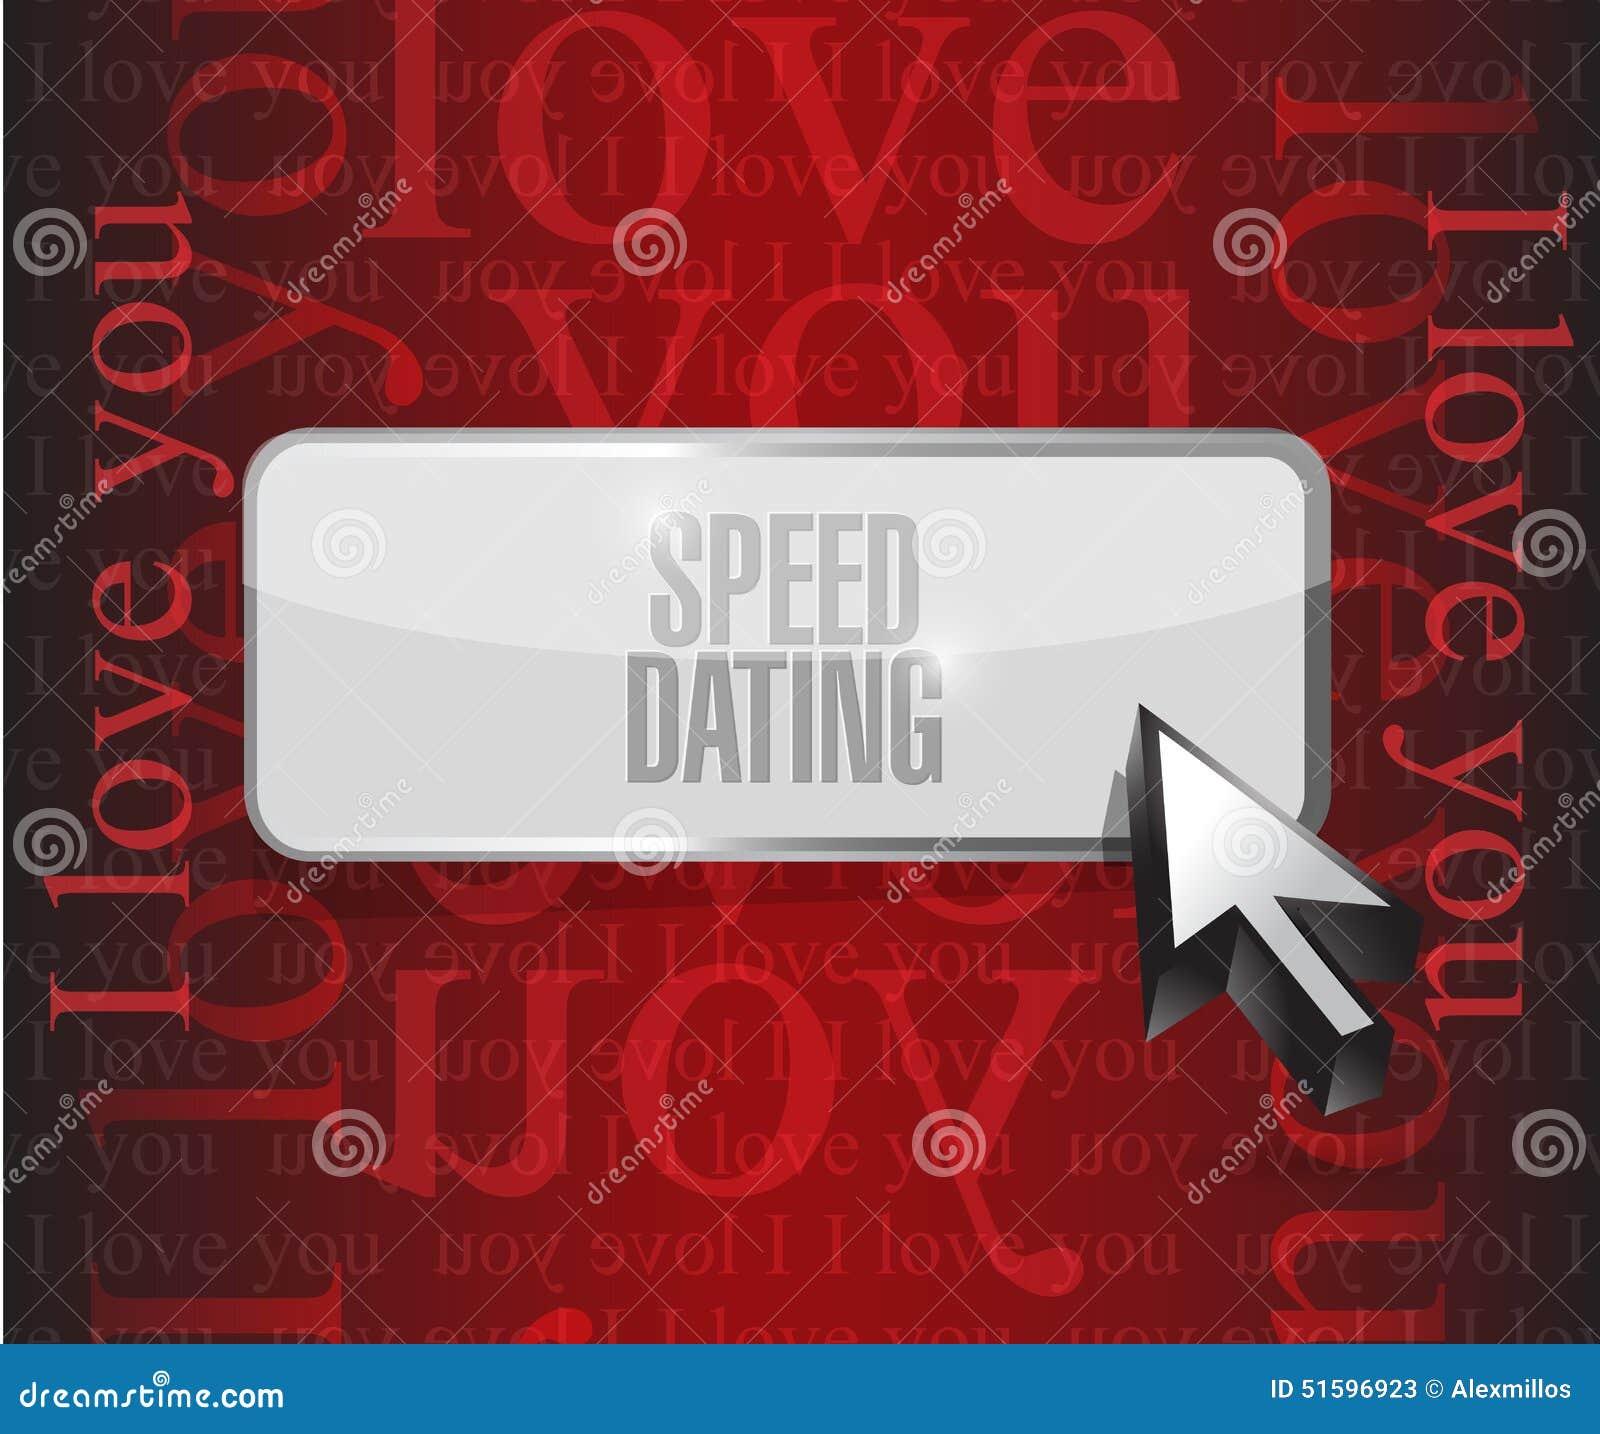 Venäjän kaunottaret dating